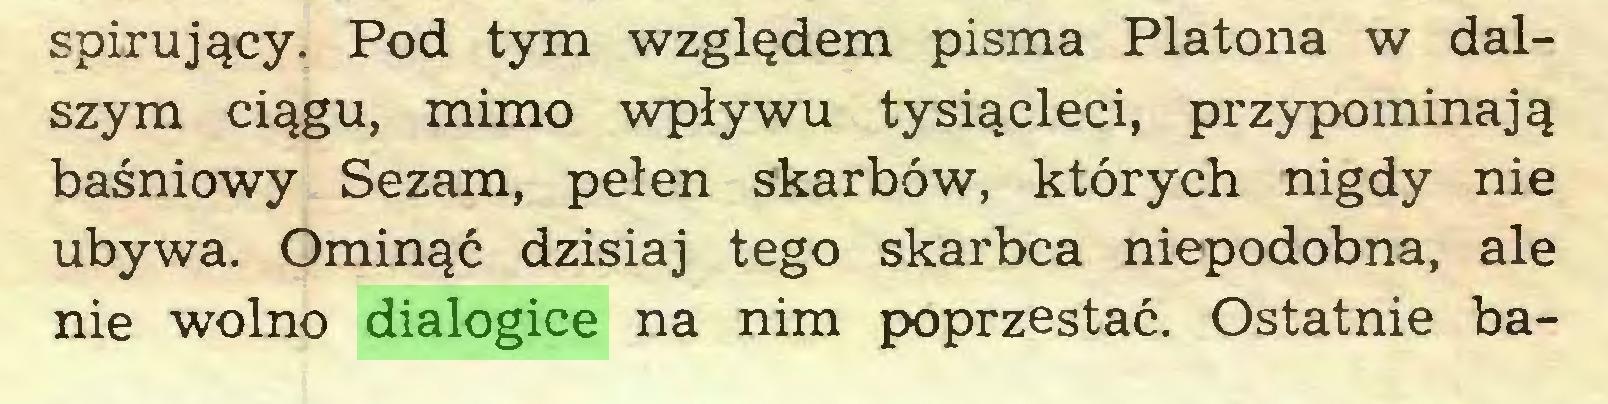 (...) spirujqcy. Pod tym wzgl^dem pisma Platona w dalszym ciqgu, mimo wplywu tysi^cleci, przypominaj^ basniowy Sezam, pelen skarbow, ktorych nigdy nie ubywa. Omin^c dzisiaj tego skarbca niepodobna, ale nie wolno dialogice na nim poprzestac. Ostatnie ba...